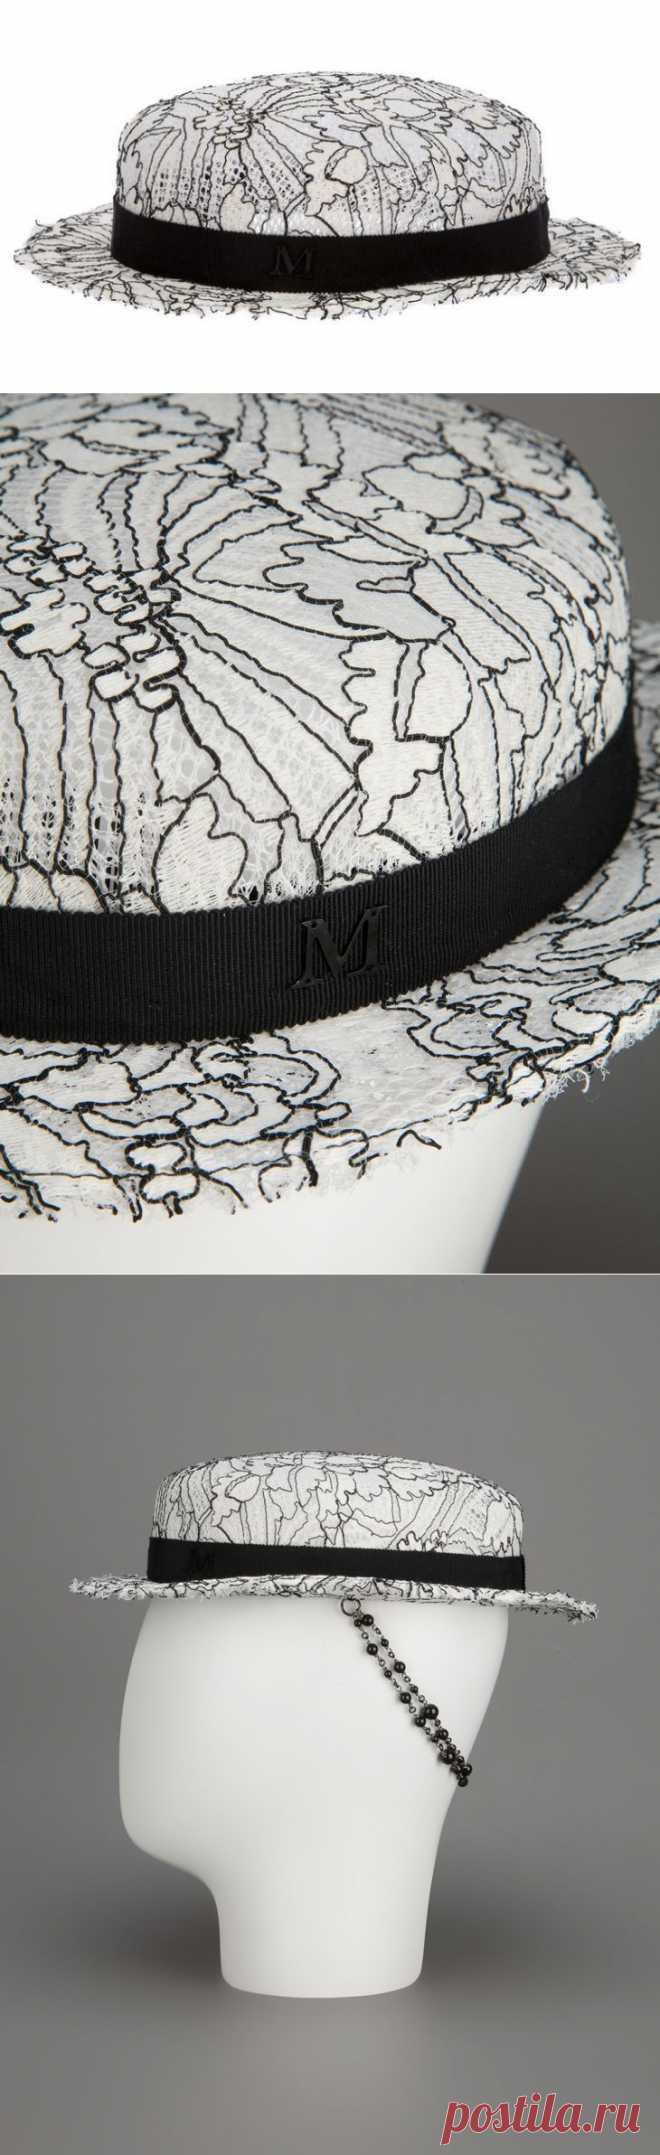 Вышитая шляпка Maison Michel / Головные уборы / Модный сайт о стильной переделке одежды и интерьера